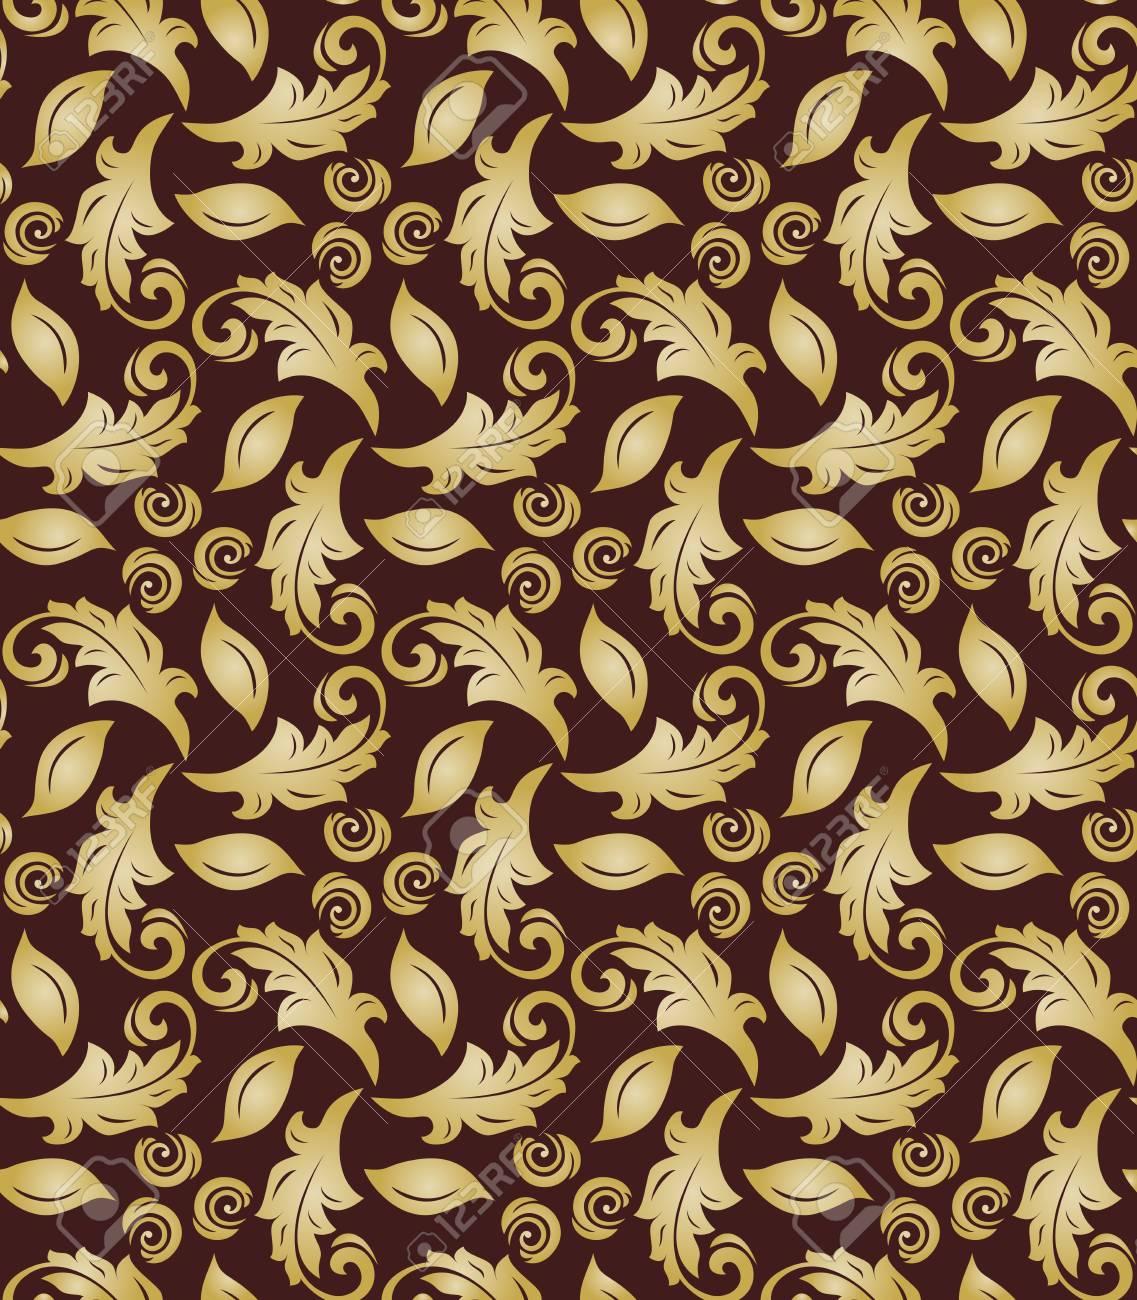 Catalogo Carta Da Parati Classica carta da parati classica orientale. sfondo astratto senza soluzione di  continuità. ornamento marrone e dorato